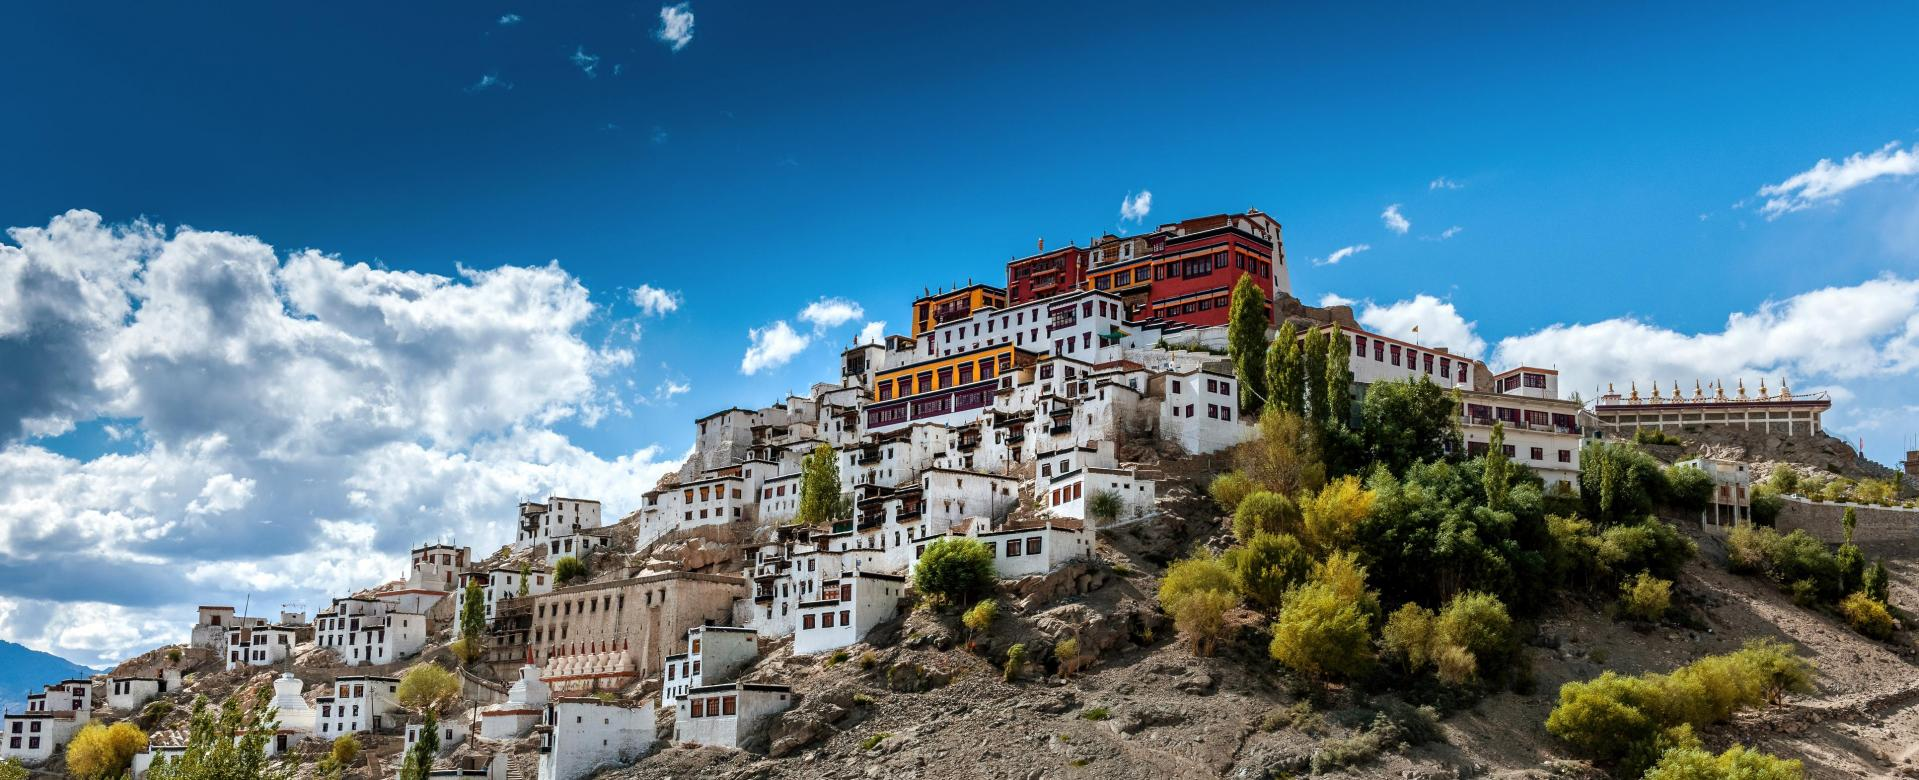 Voyage sur l'eau : Ladakh, horizons infinis